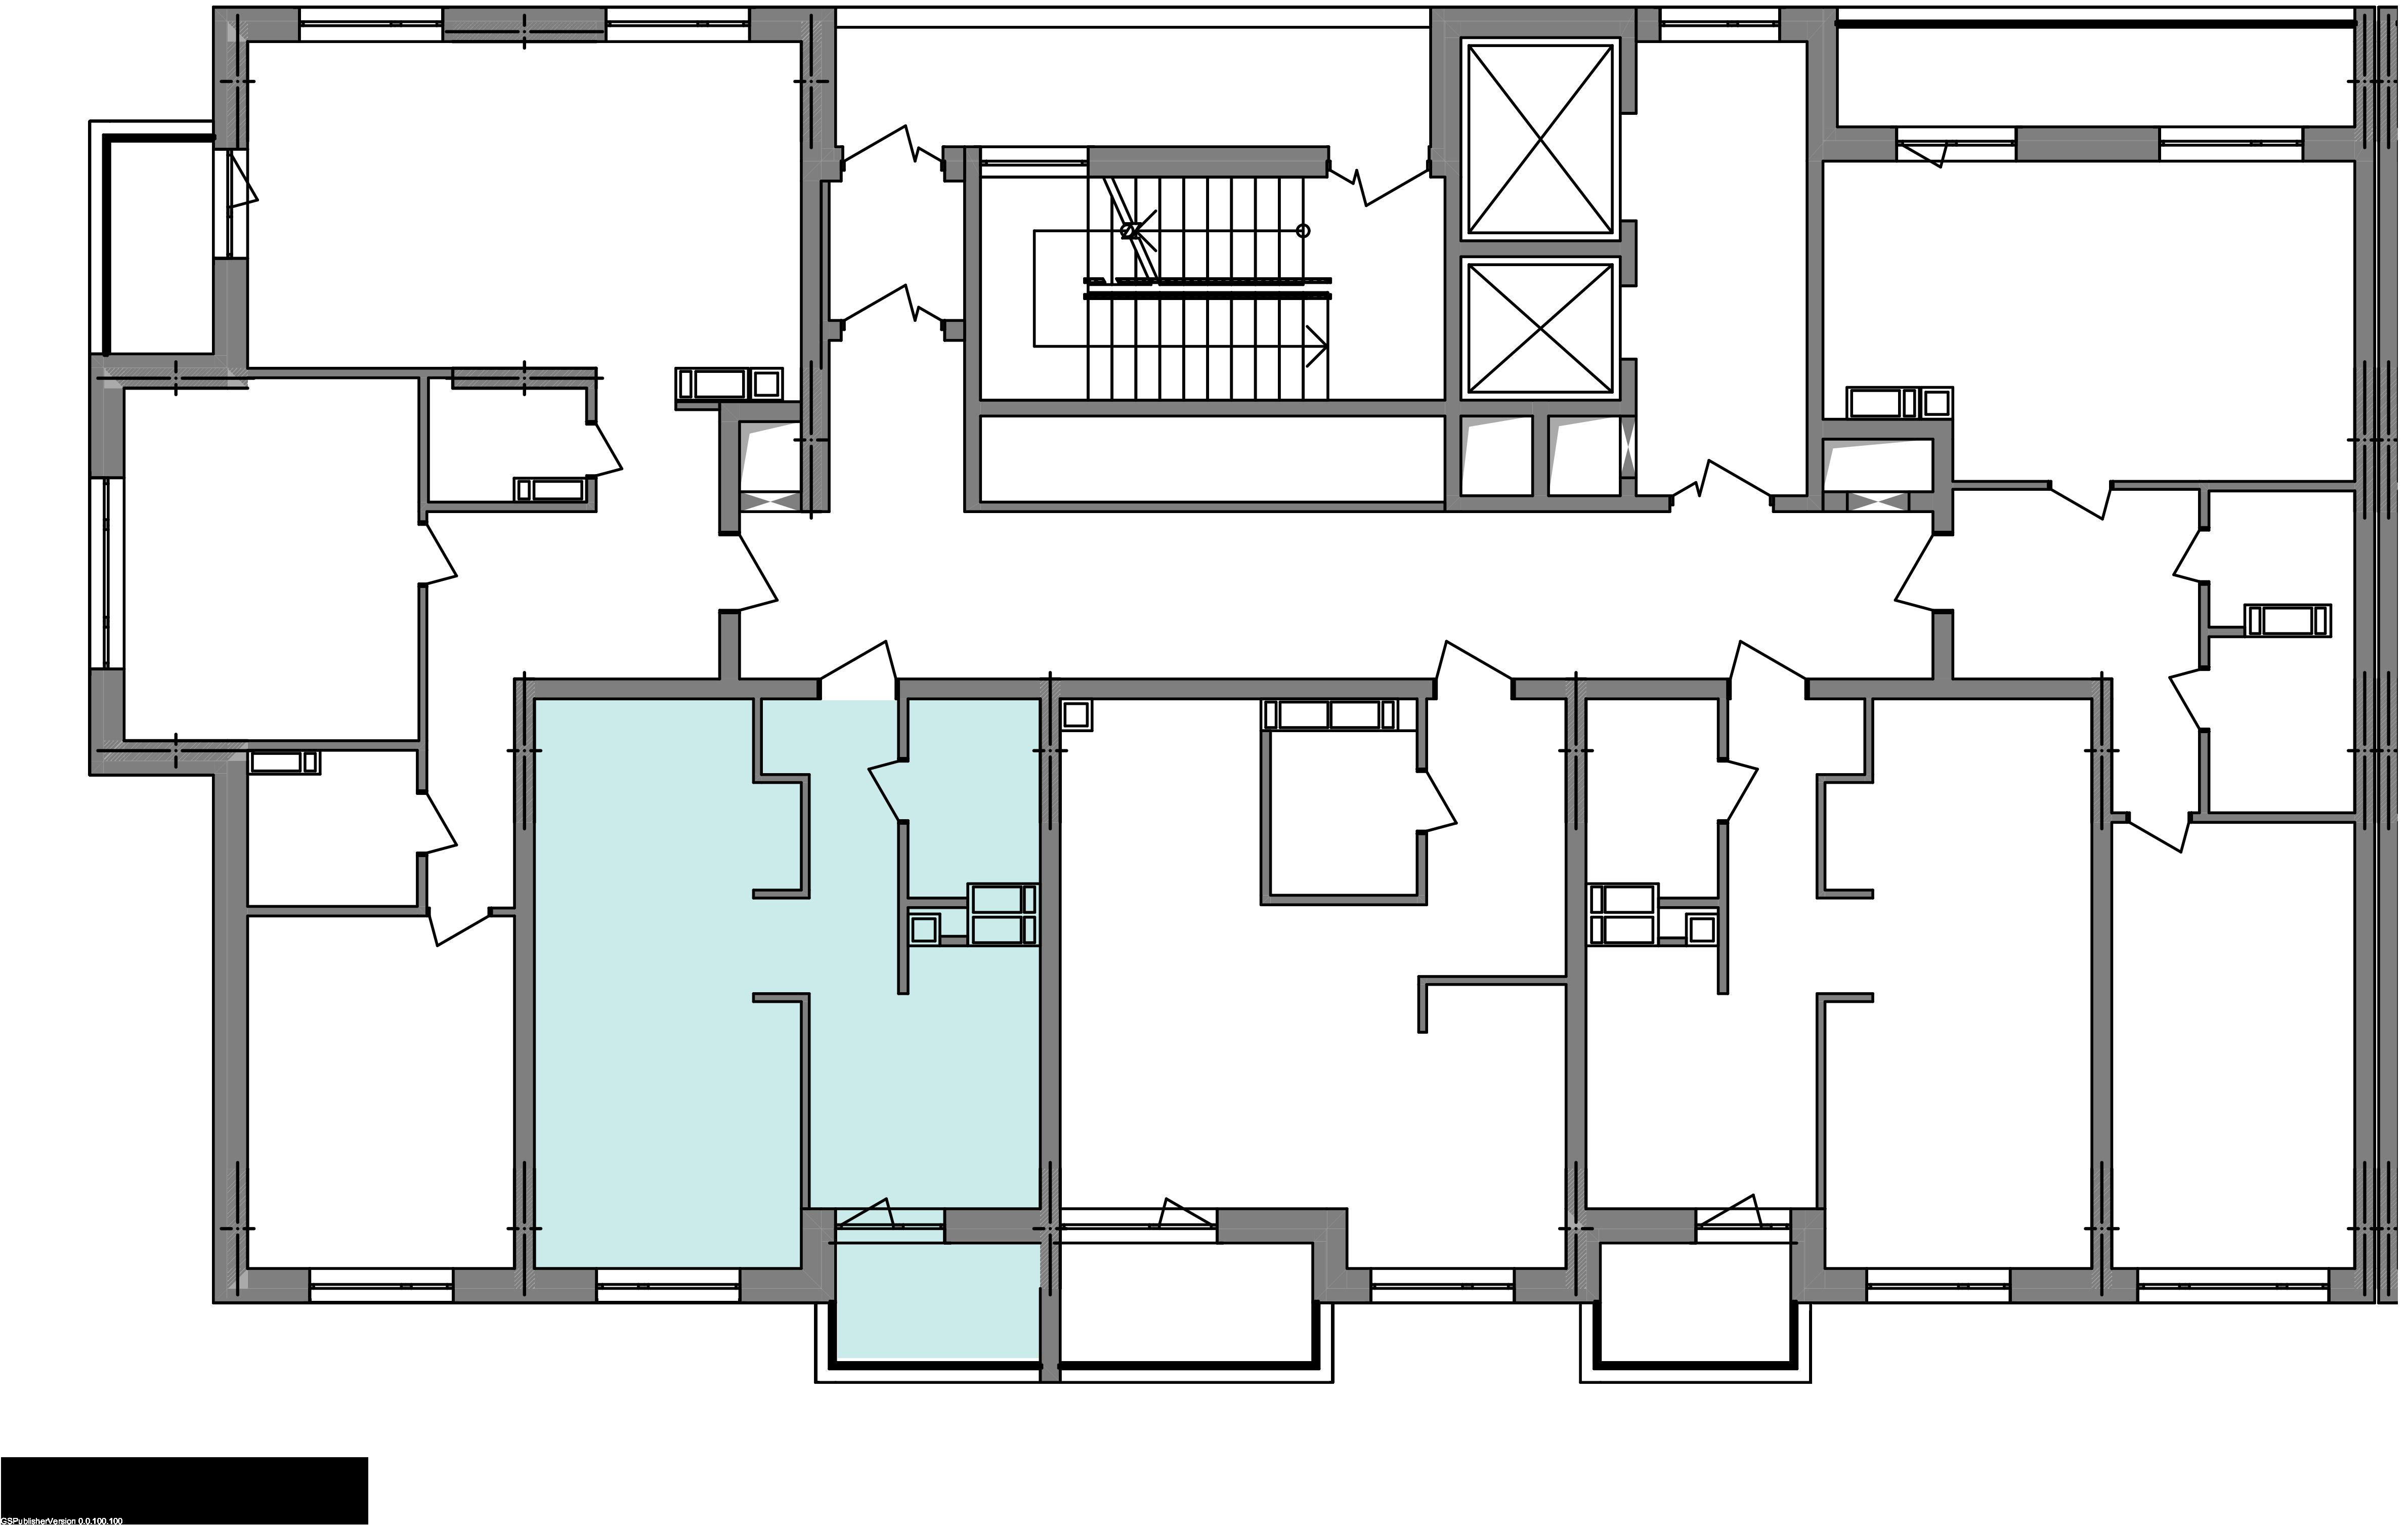 Однокімнатна квартира 40,91 кв.м., тип 1.3, будинок 3 секція 1 розташування на поверсі